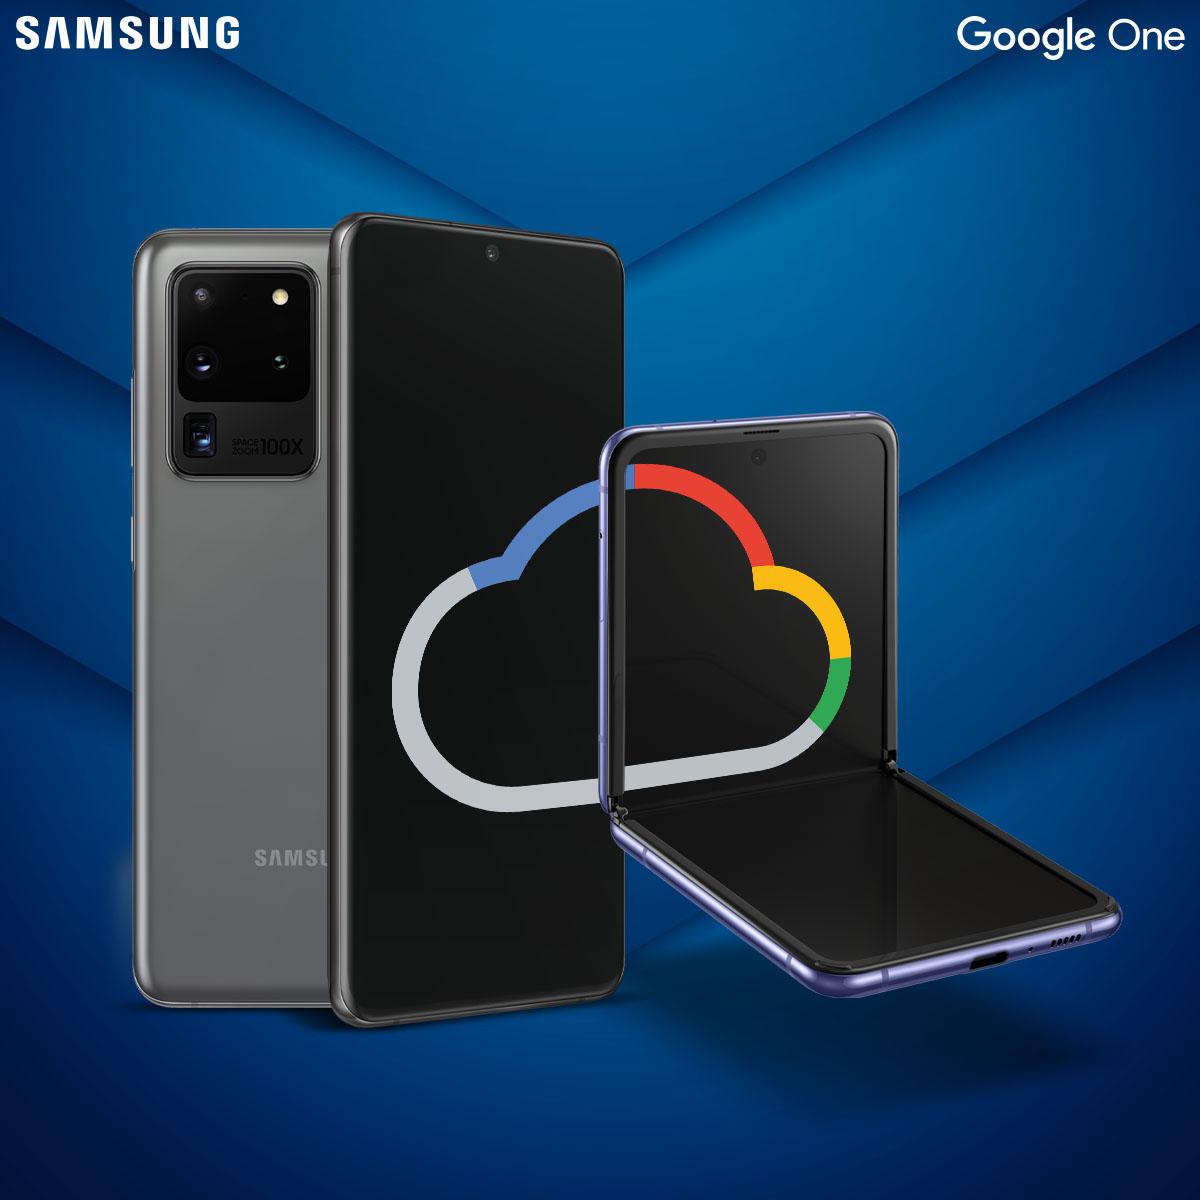 Todo lo que quieres está en Google, desde tu Samsung Galaxy